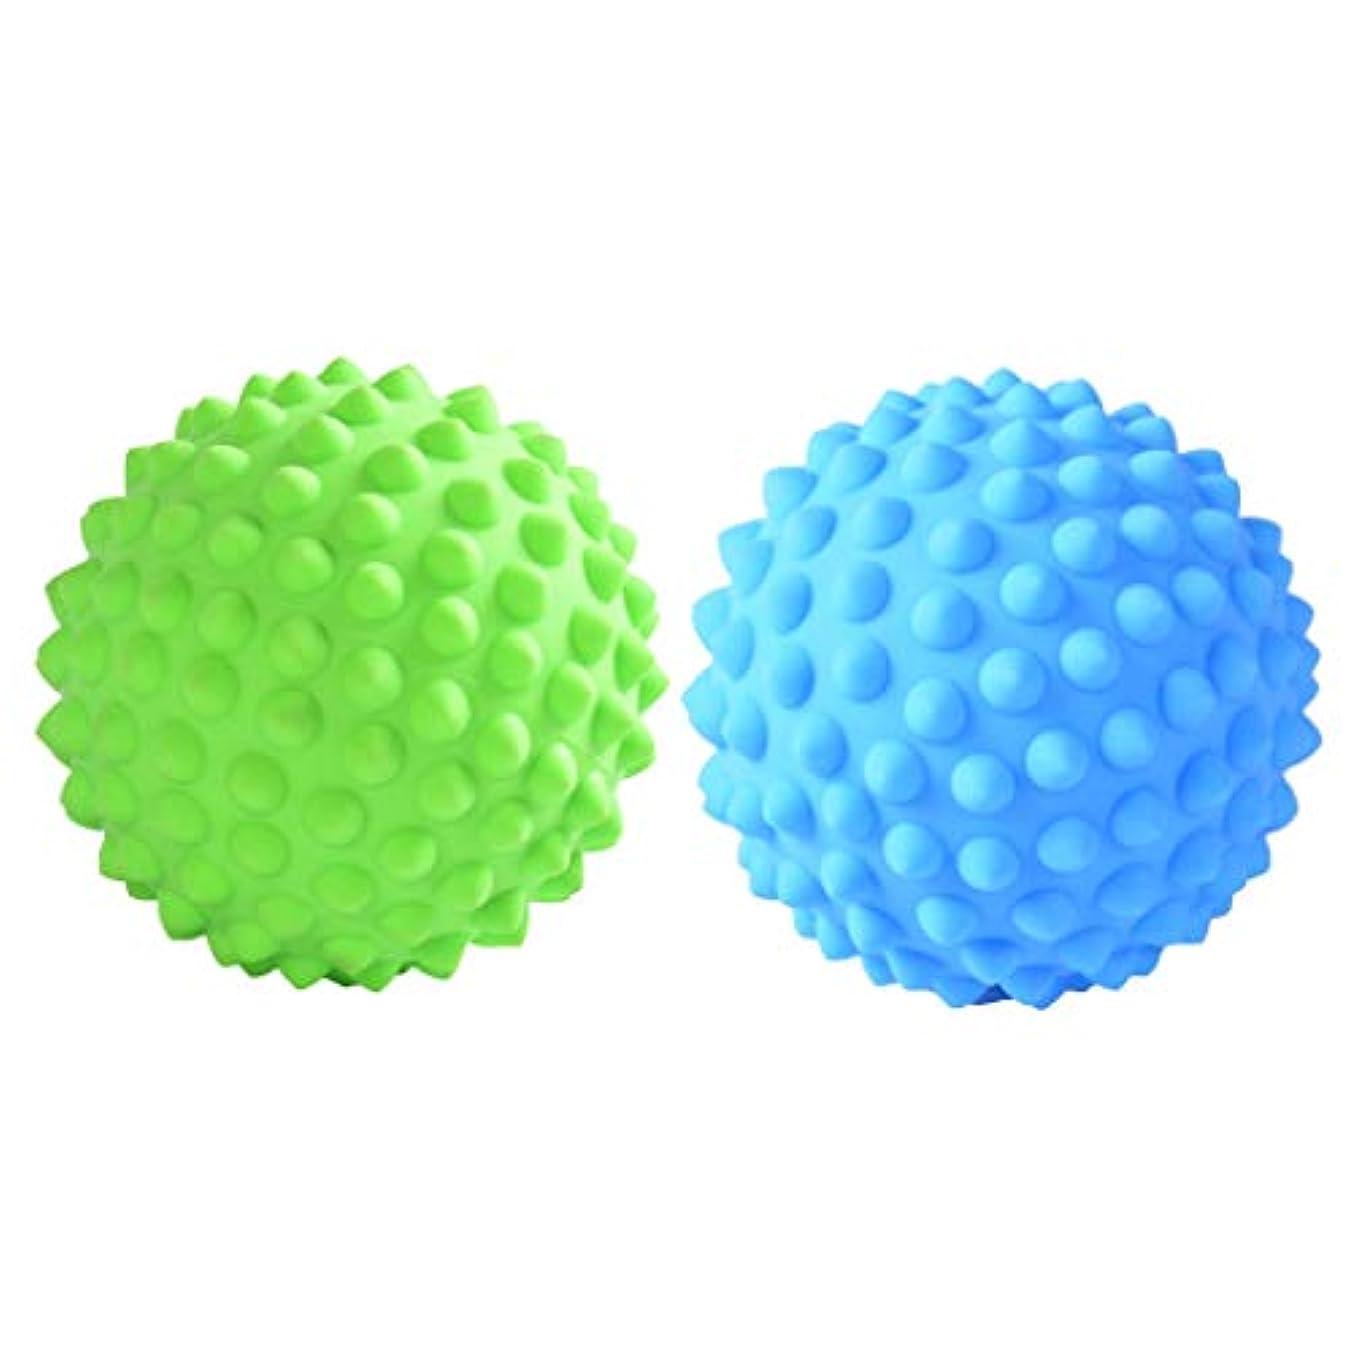 習熟度アカデミック世紀sharprepublic マッサージローラーボール 指圧ボール トリガーポイント疲れ解消ボール ヨガ疲労軽減 筋膜リリース2個